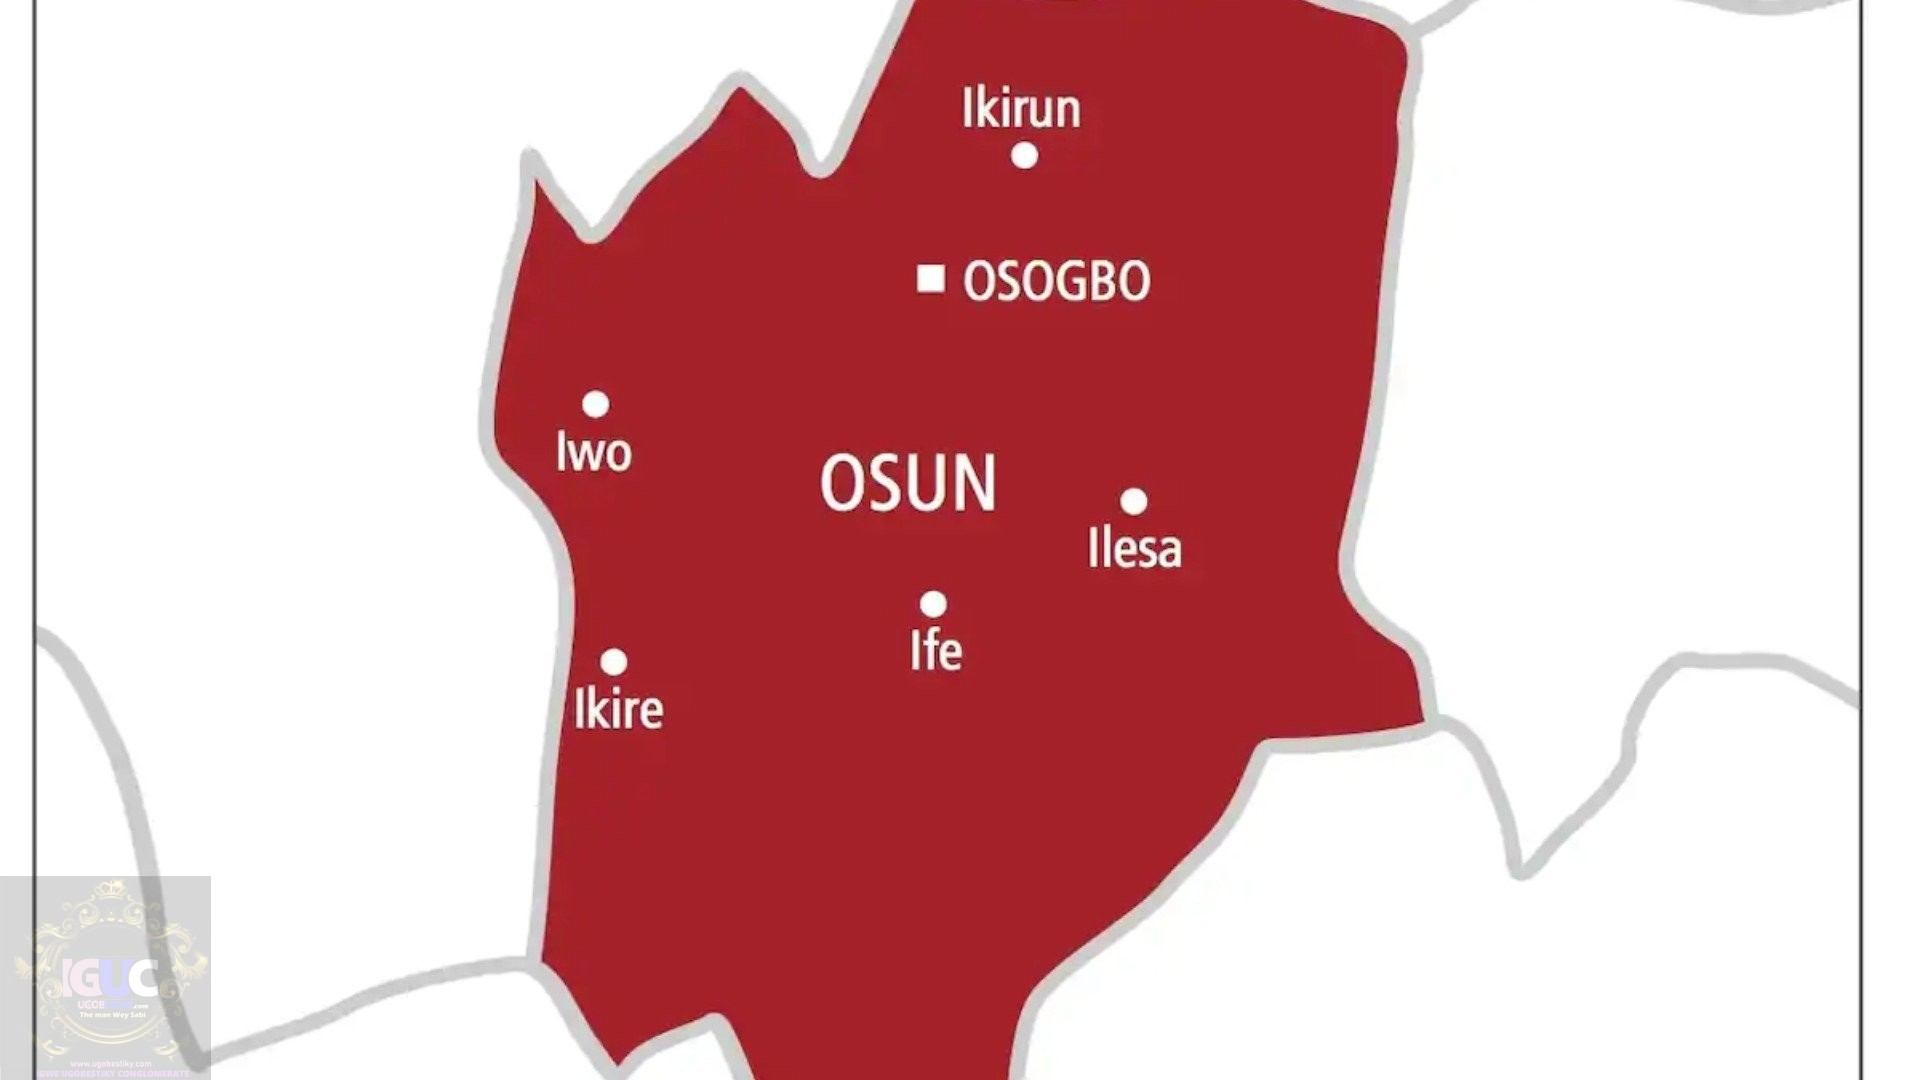 UTME,Students,OAU,osun state